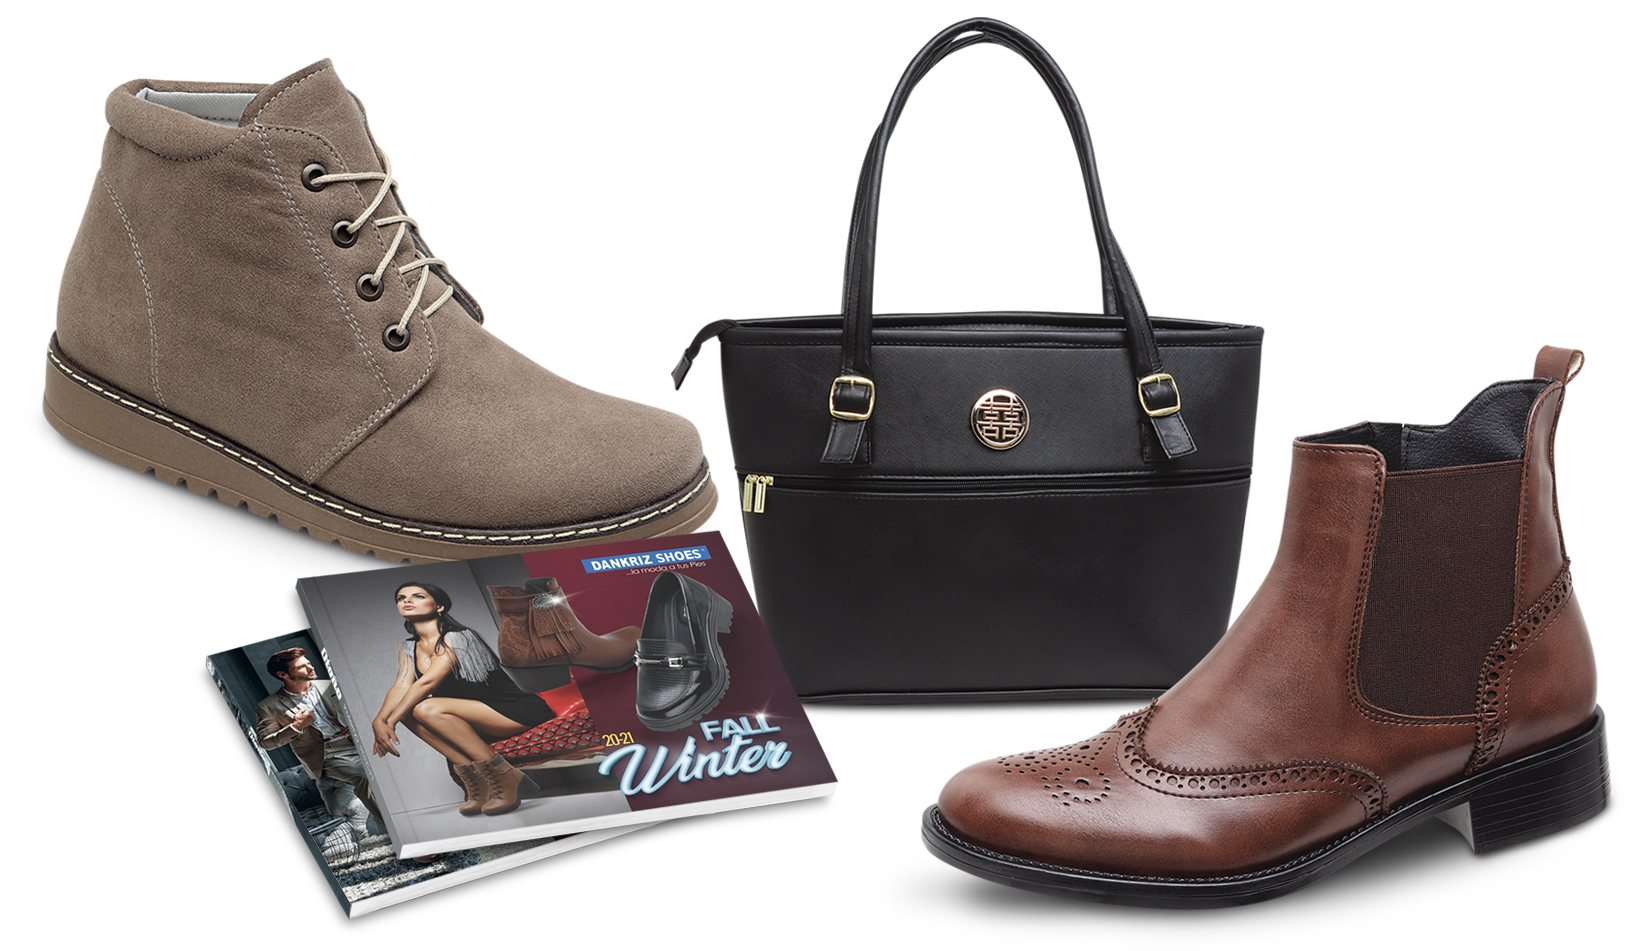 9eb075c0 Dankriz Shoes | Venta de Calzado por catálogo: Dama, Caballero, Niña ...